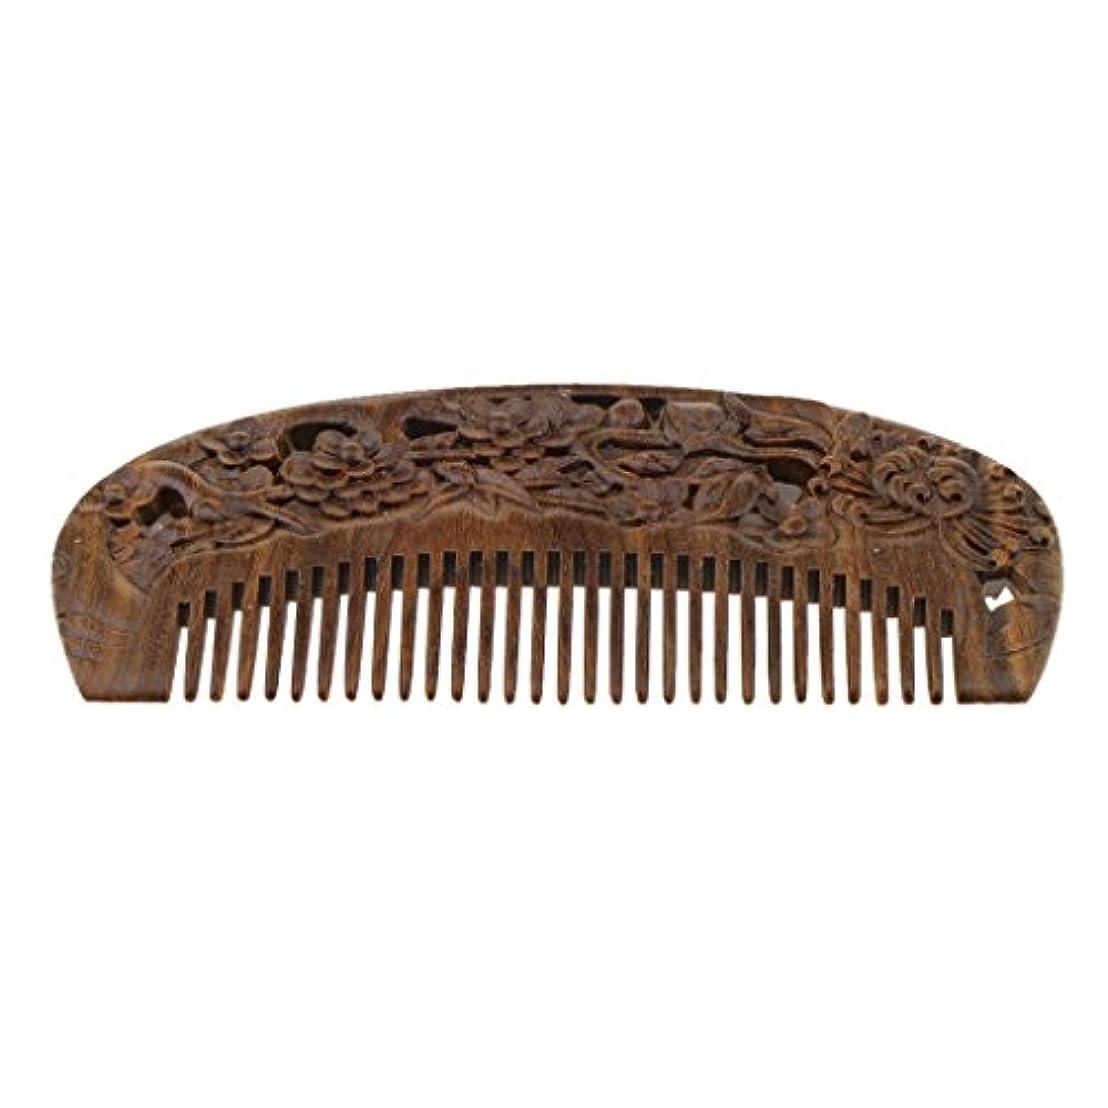 役職苛性プリーツSM SunniMix 木製コーム ウッドコーム ワイド歯 ヘアブラシ 頭皮マッサージ ヘアスタイリング 全2種類 - #2